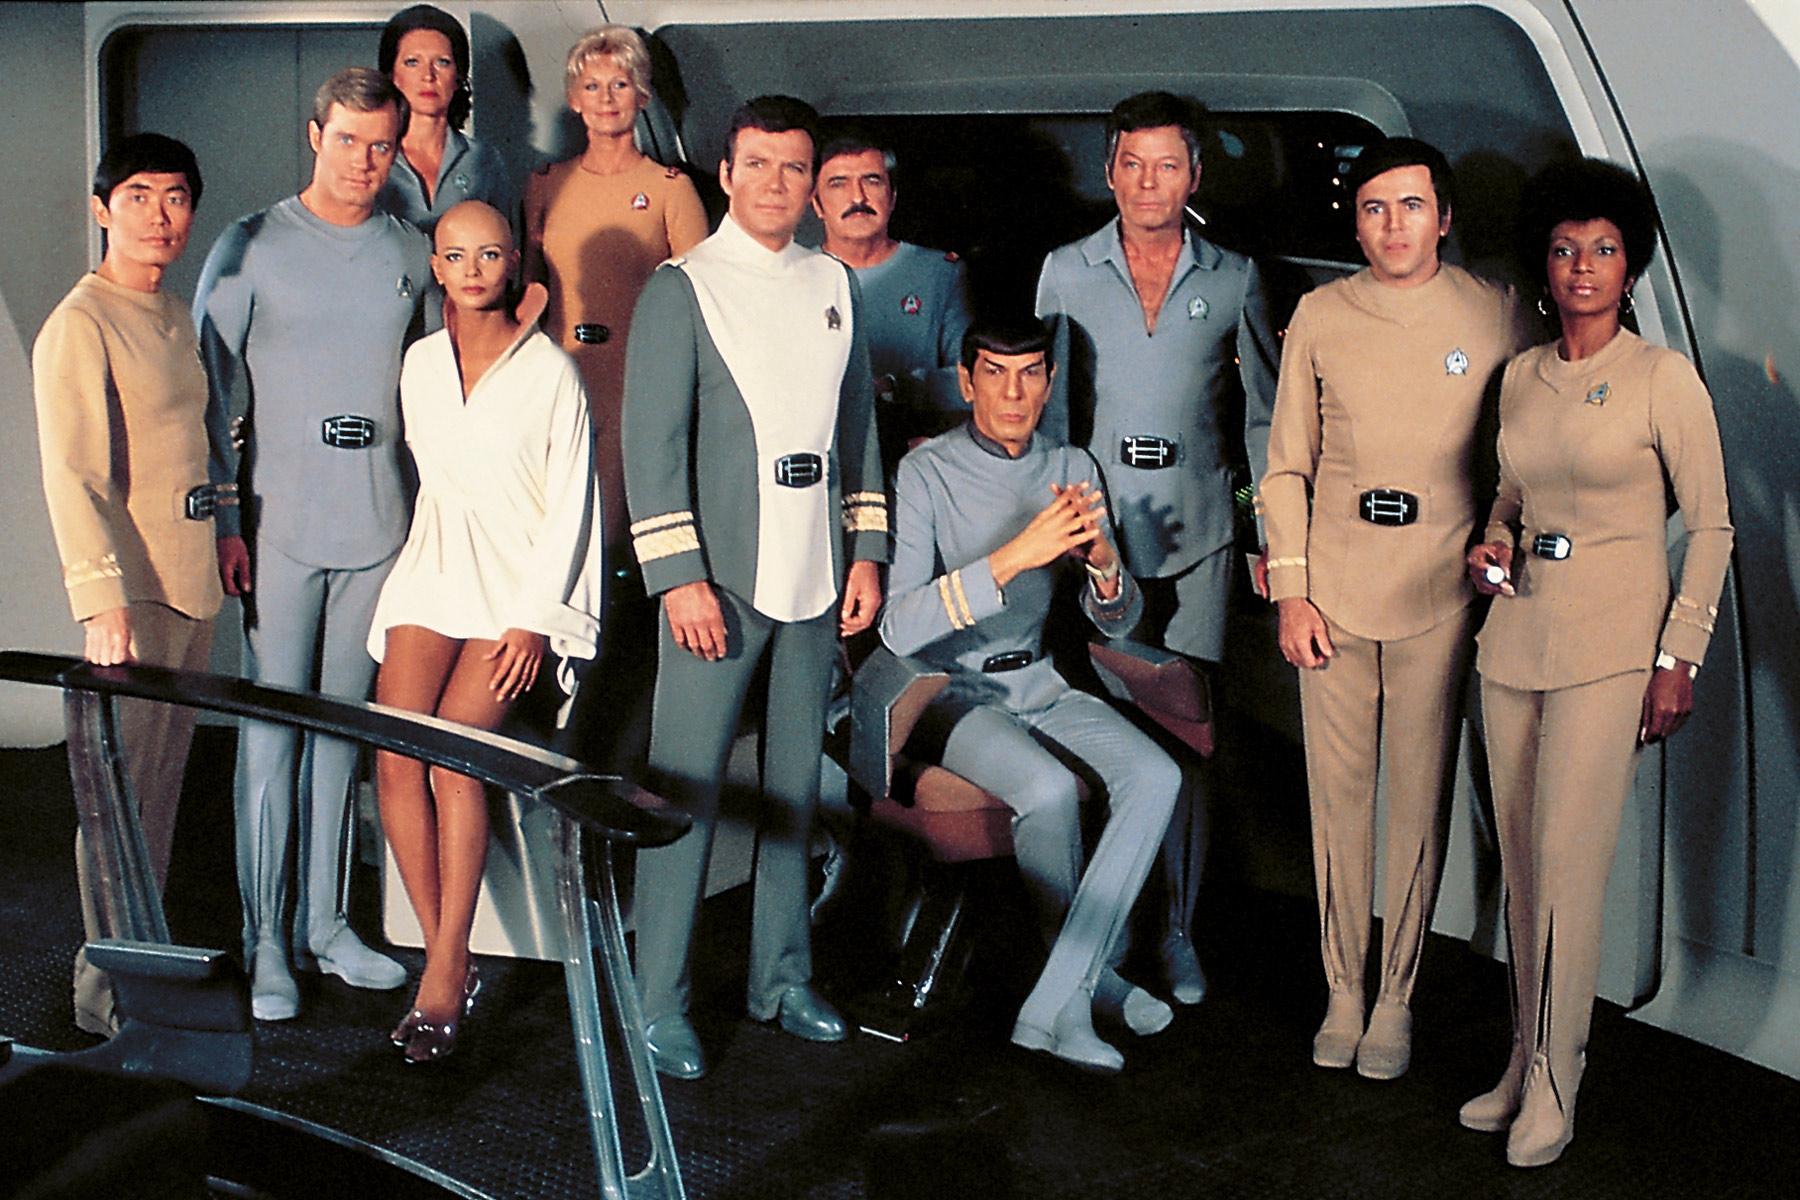 Die Crew der Enterprise bei ihrem ersten großen Leinwandabenteuer (Foto: Paramount / CBS)